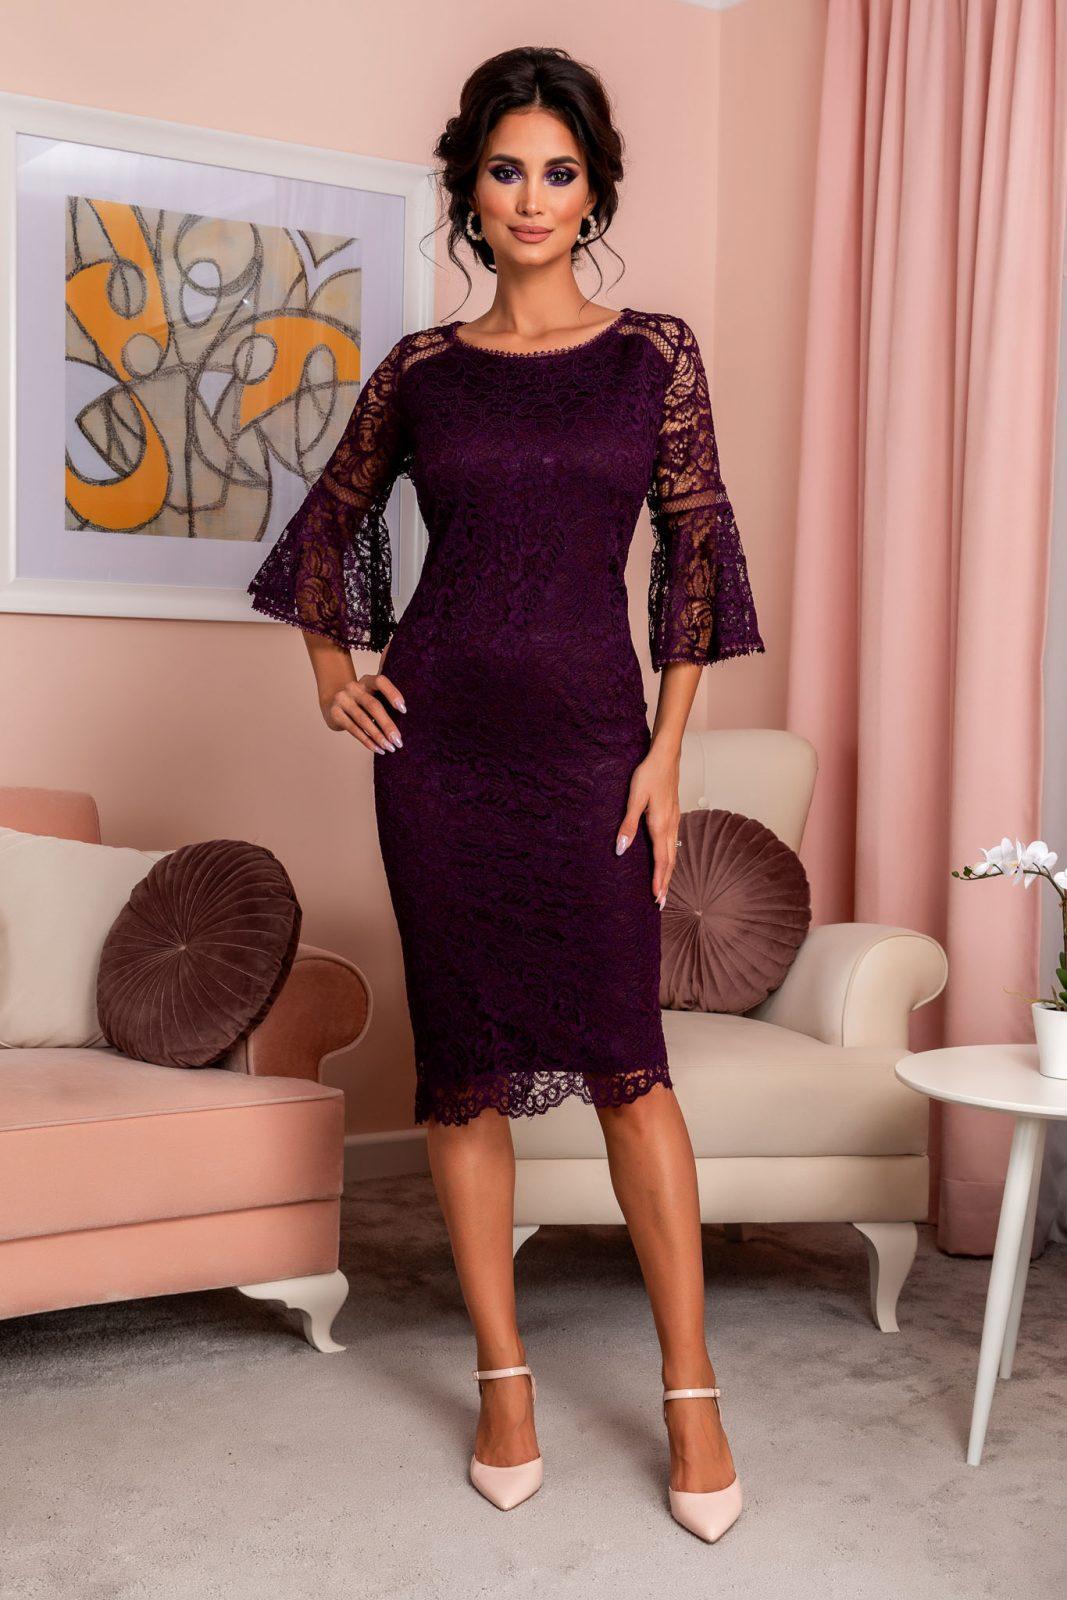 Βιολετί Βραδινό Φόρεμα Από Δαντέλα Rowena 8249